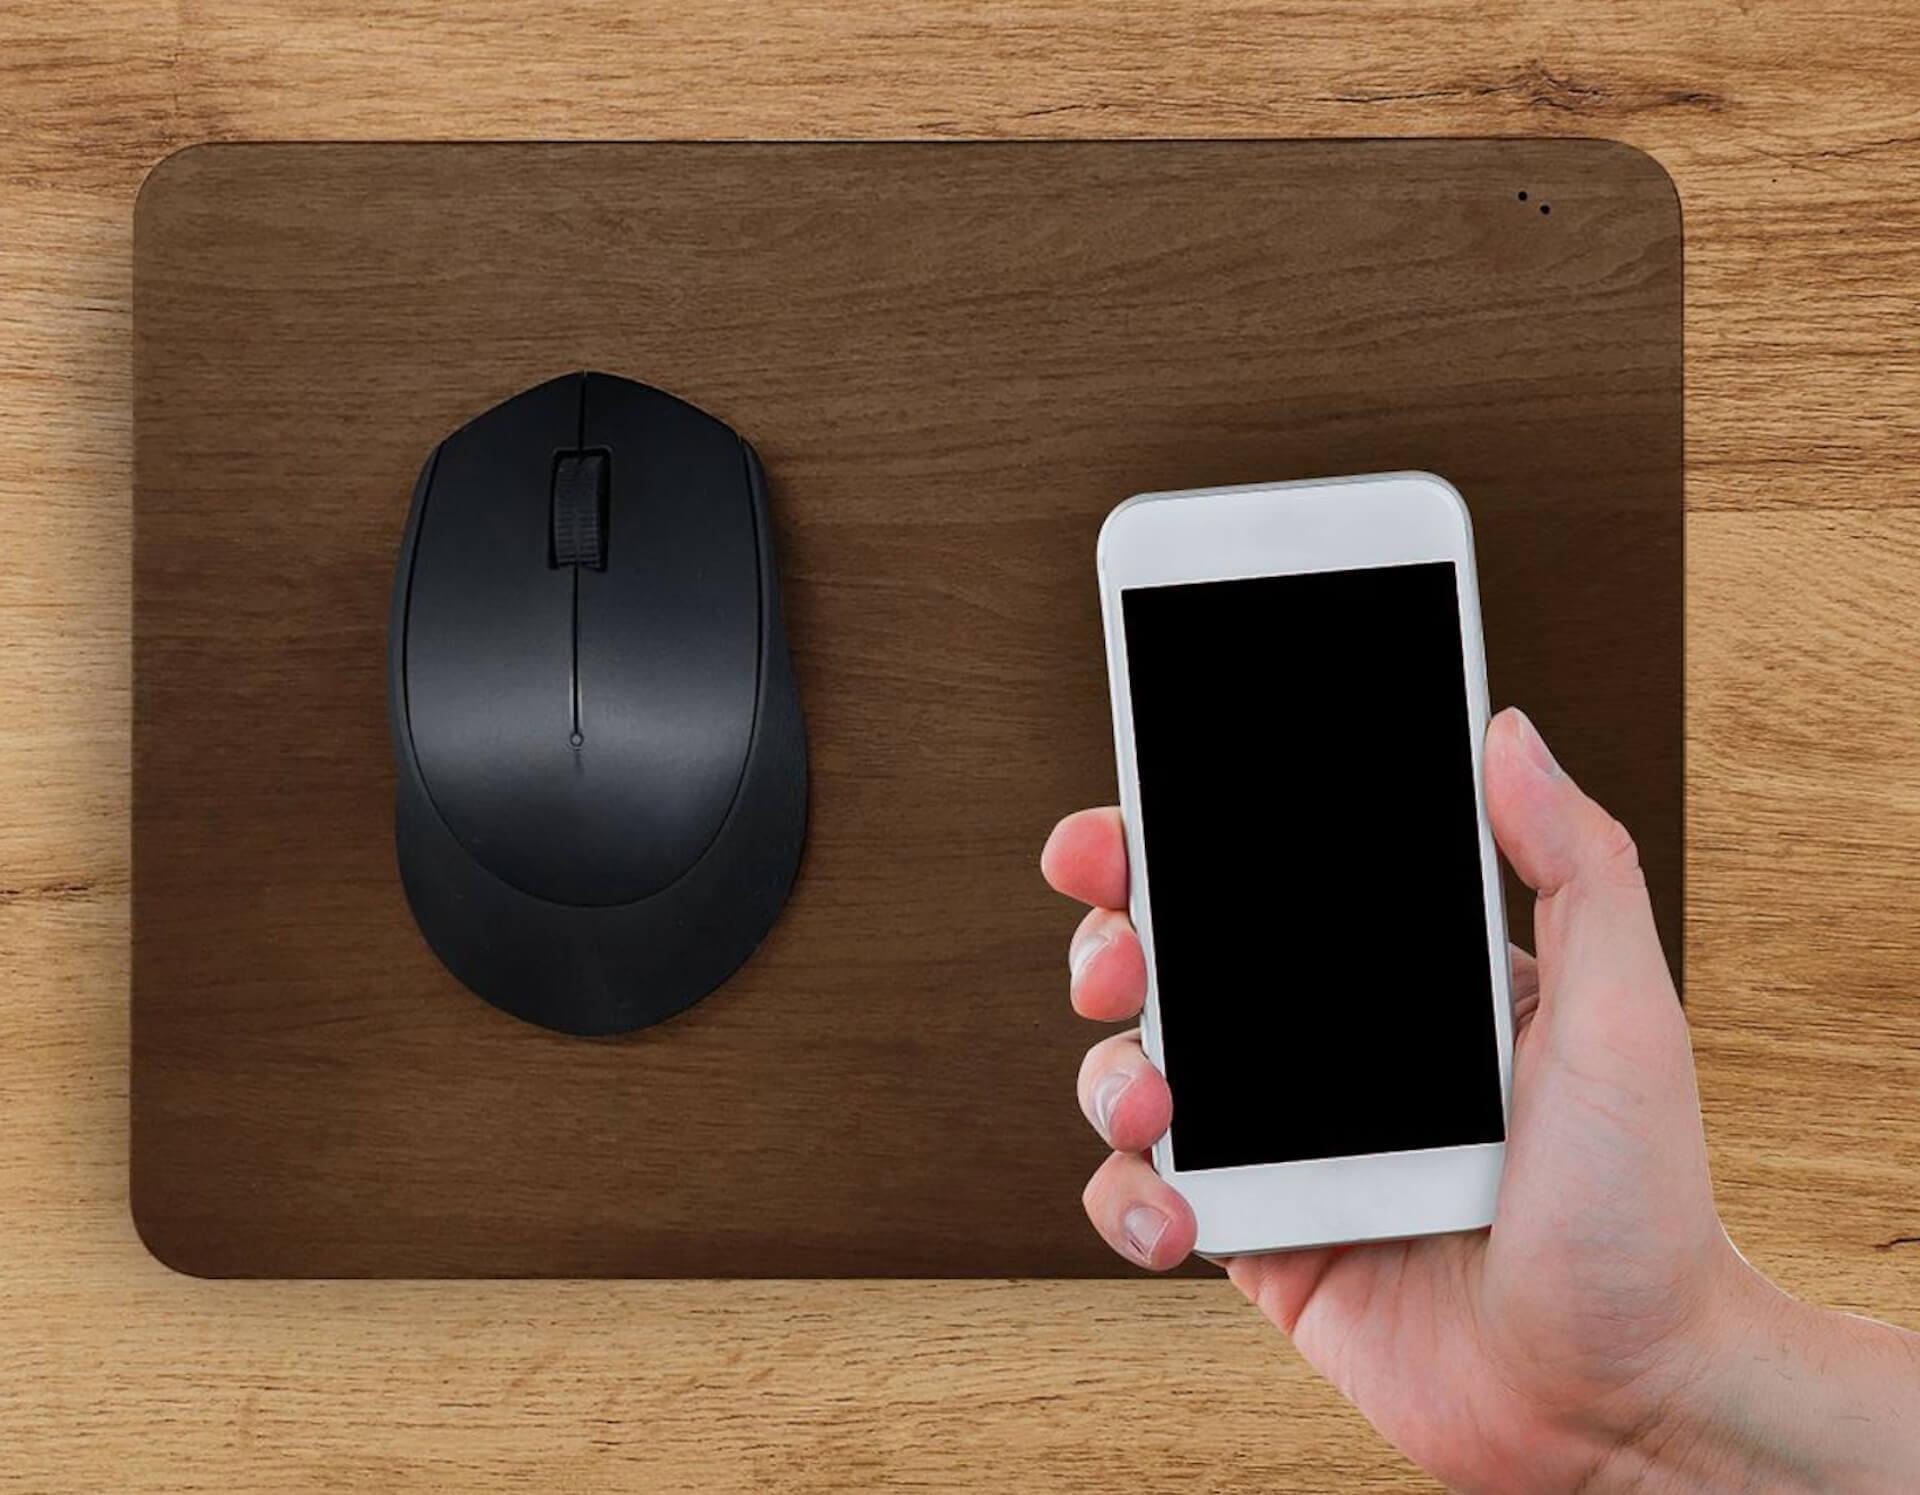 安くて使いやすいワイヤレス充電マウスパッドが登場!スマホを充電しながらマウスを操作 tech200522_charger_4